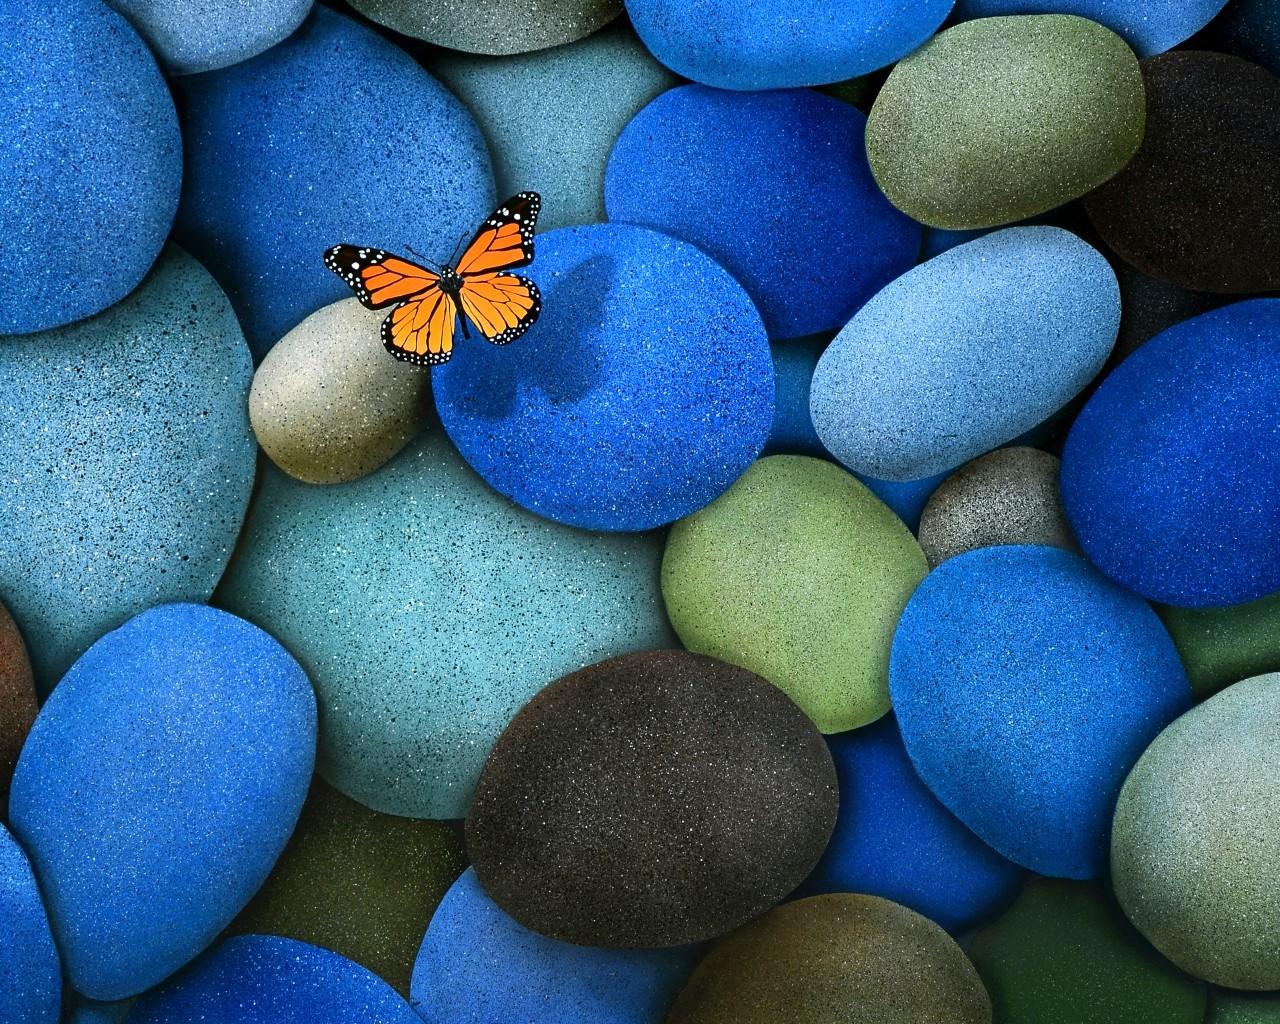 21566 скачать обои Насекомые, Бабочки, Фон, Камни - заставки и картинки бесплатно